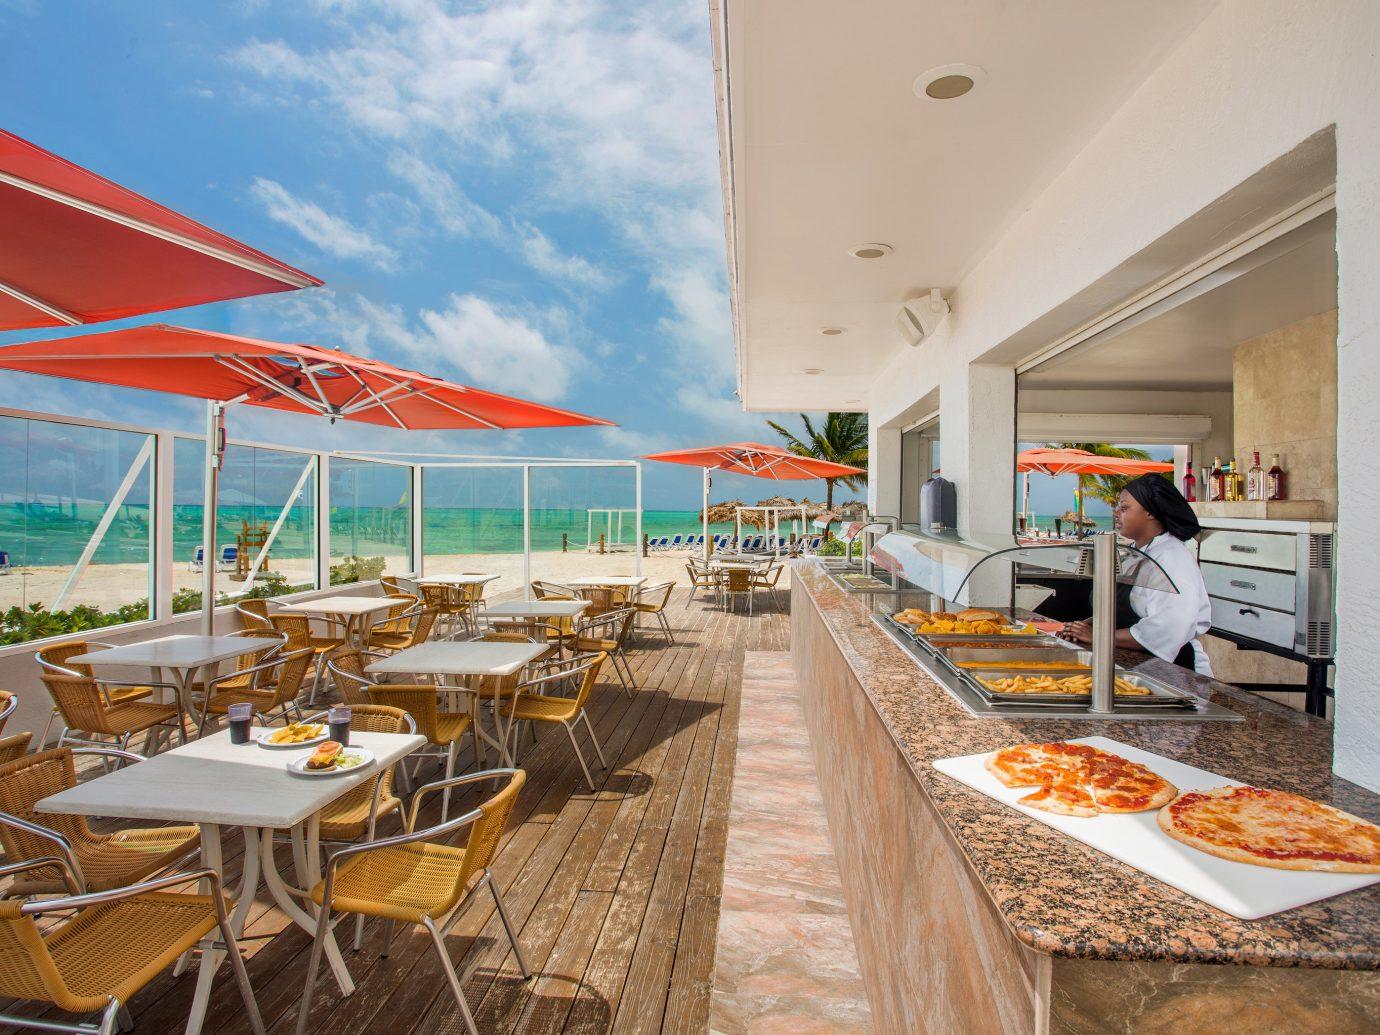 Outdoor restaurant at Viva Wyndham Fortuna Beach